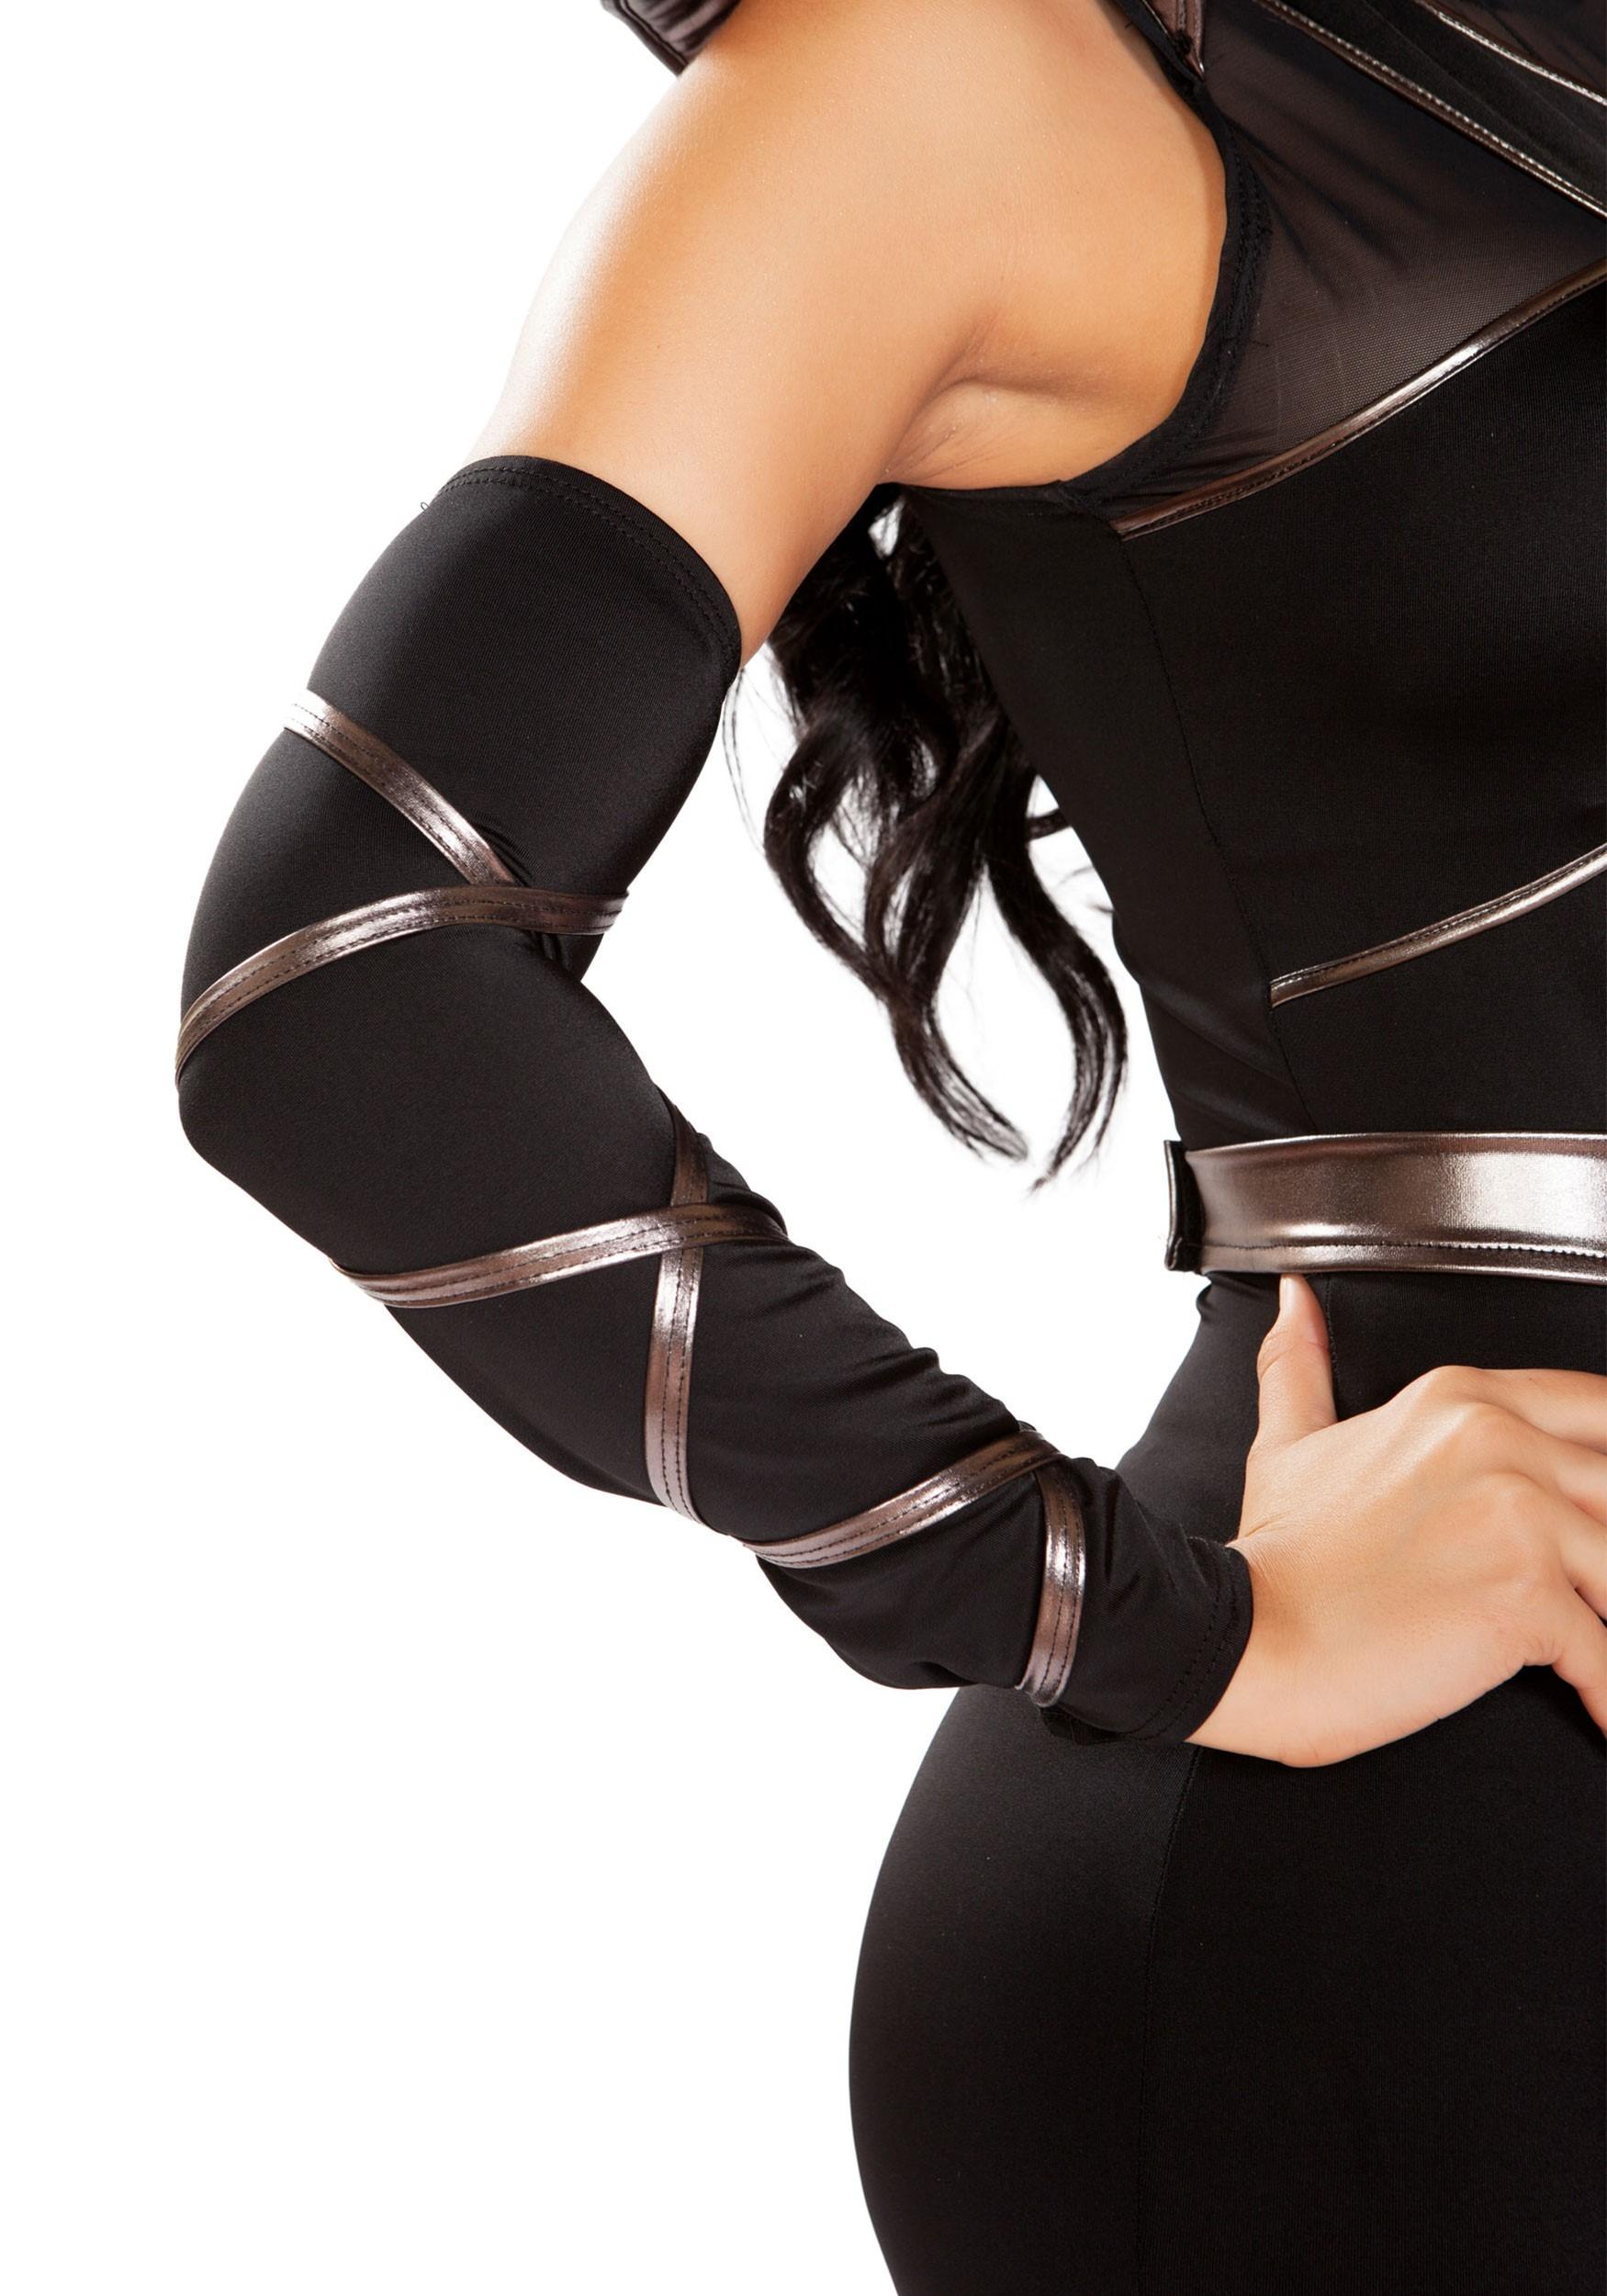 Ninja Arm Cuffs